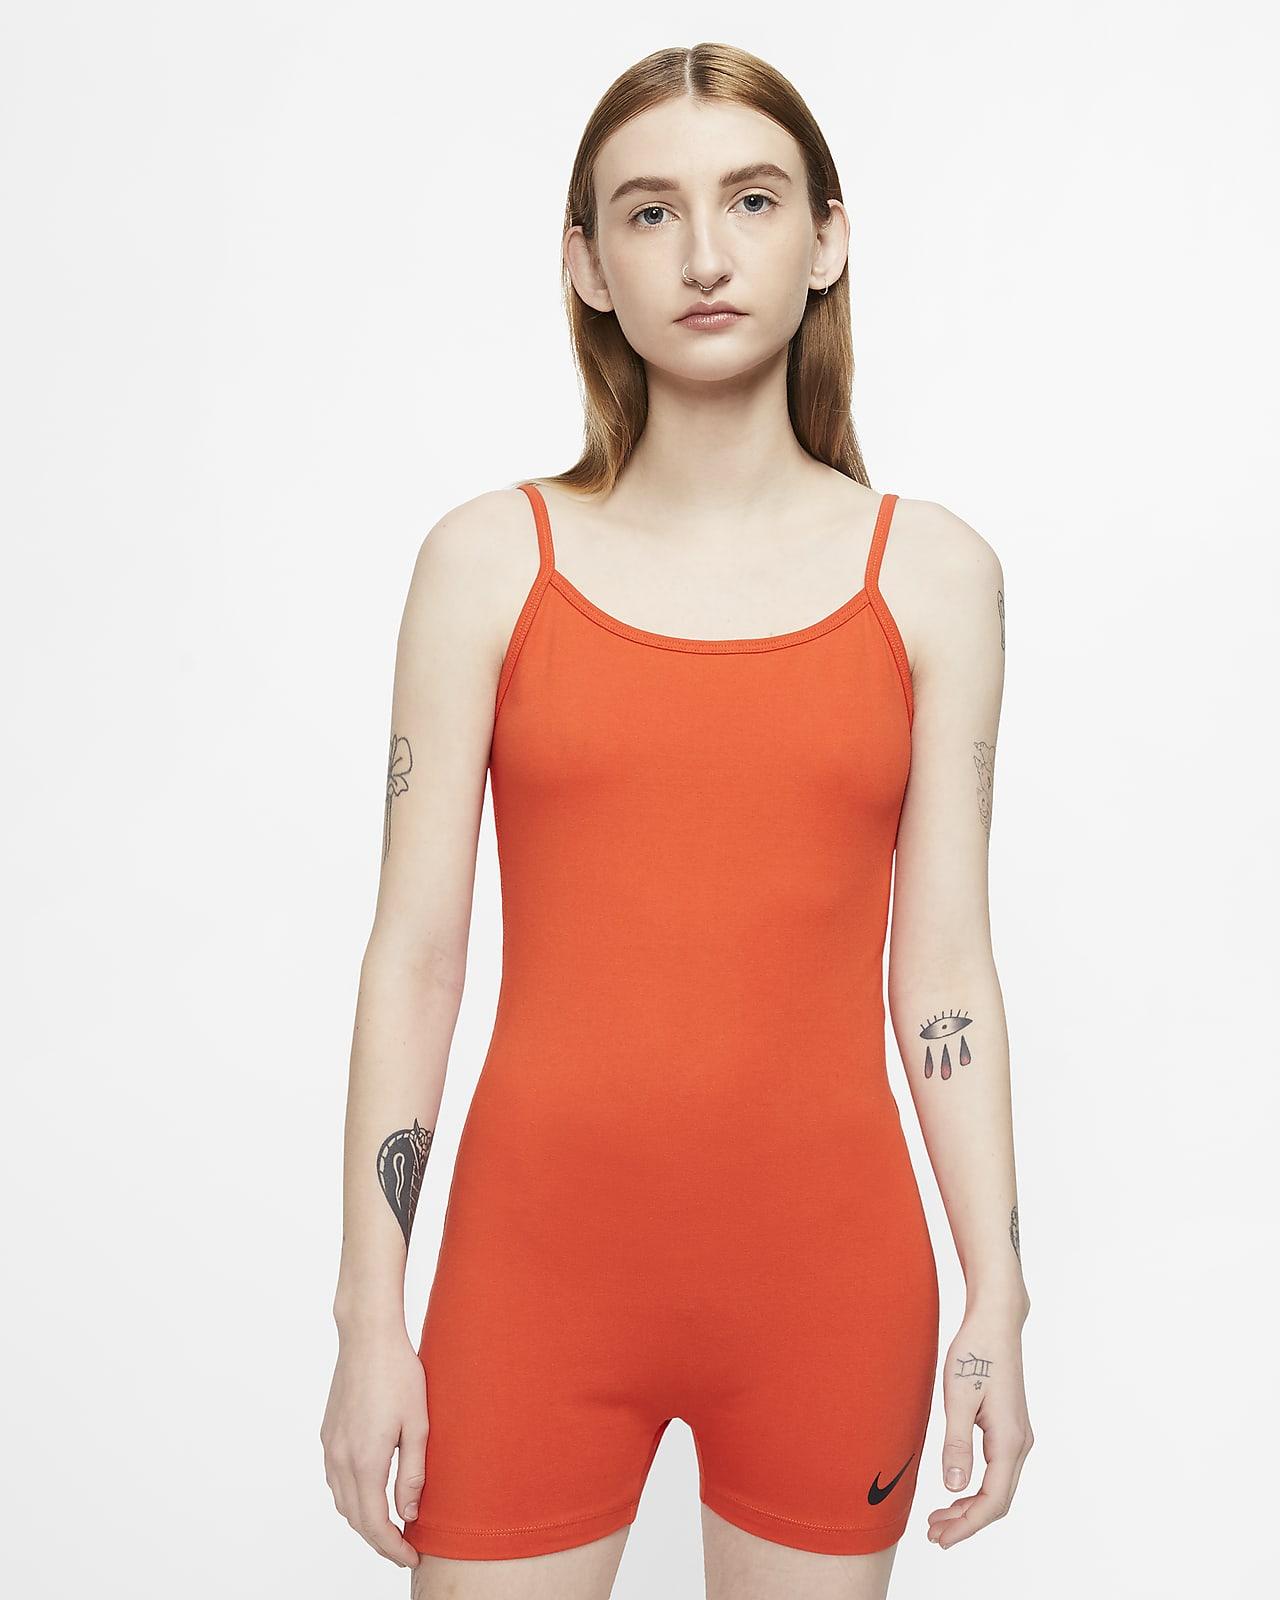 Nike Sportswear Women's Bodysuit